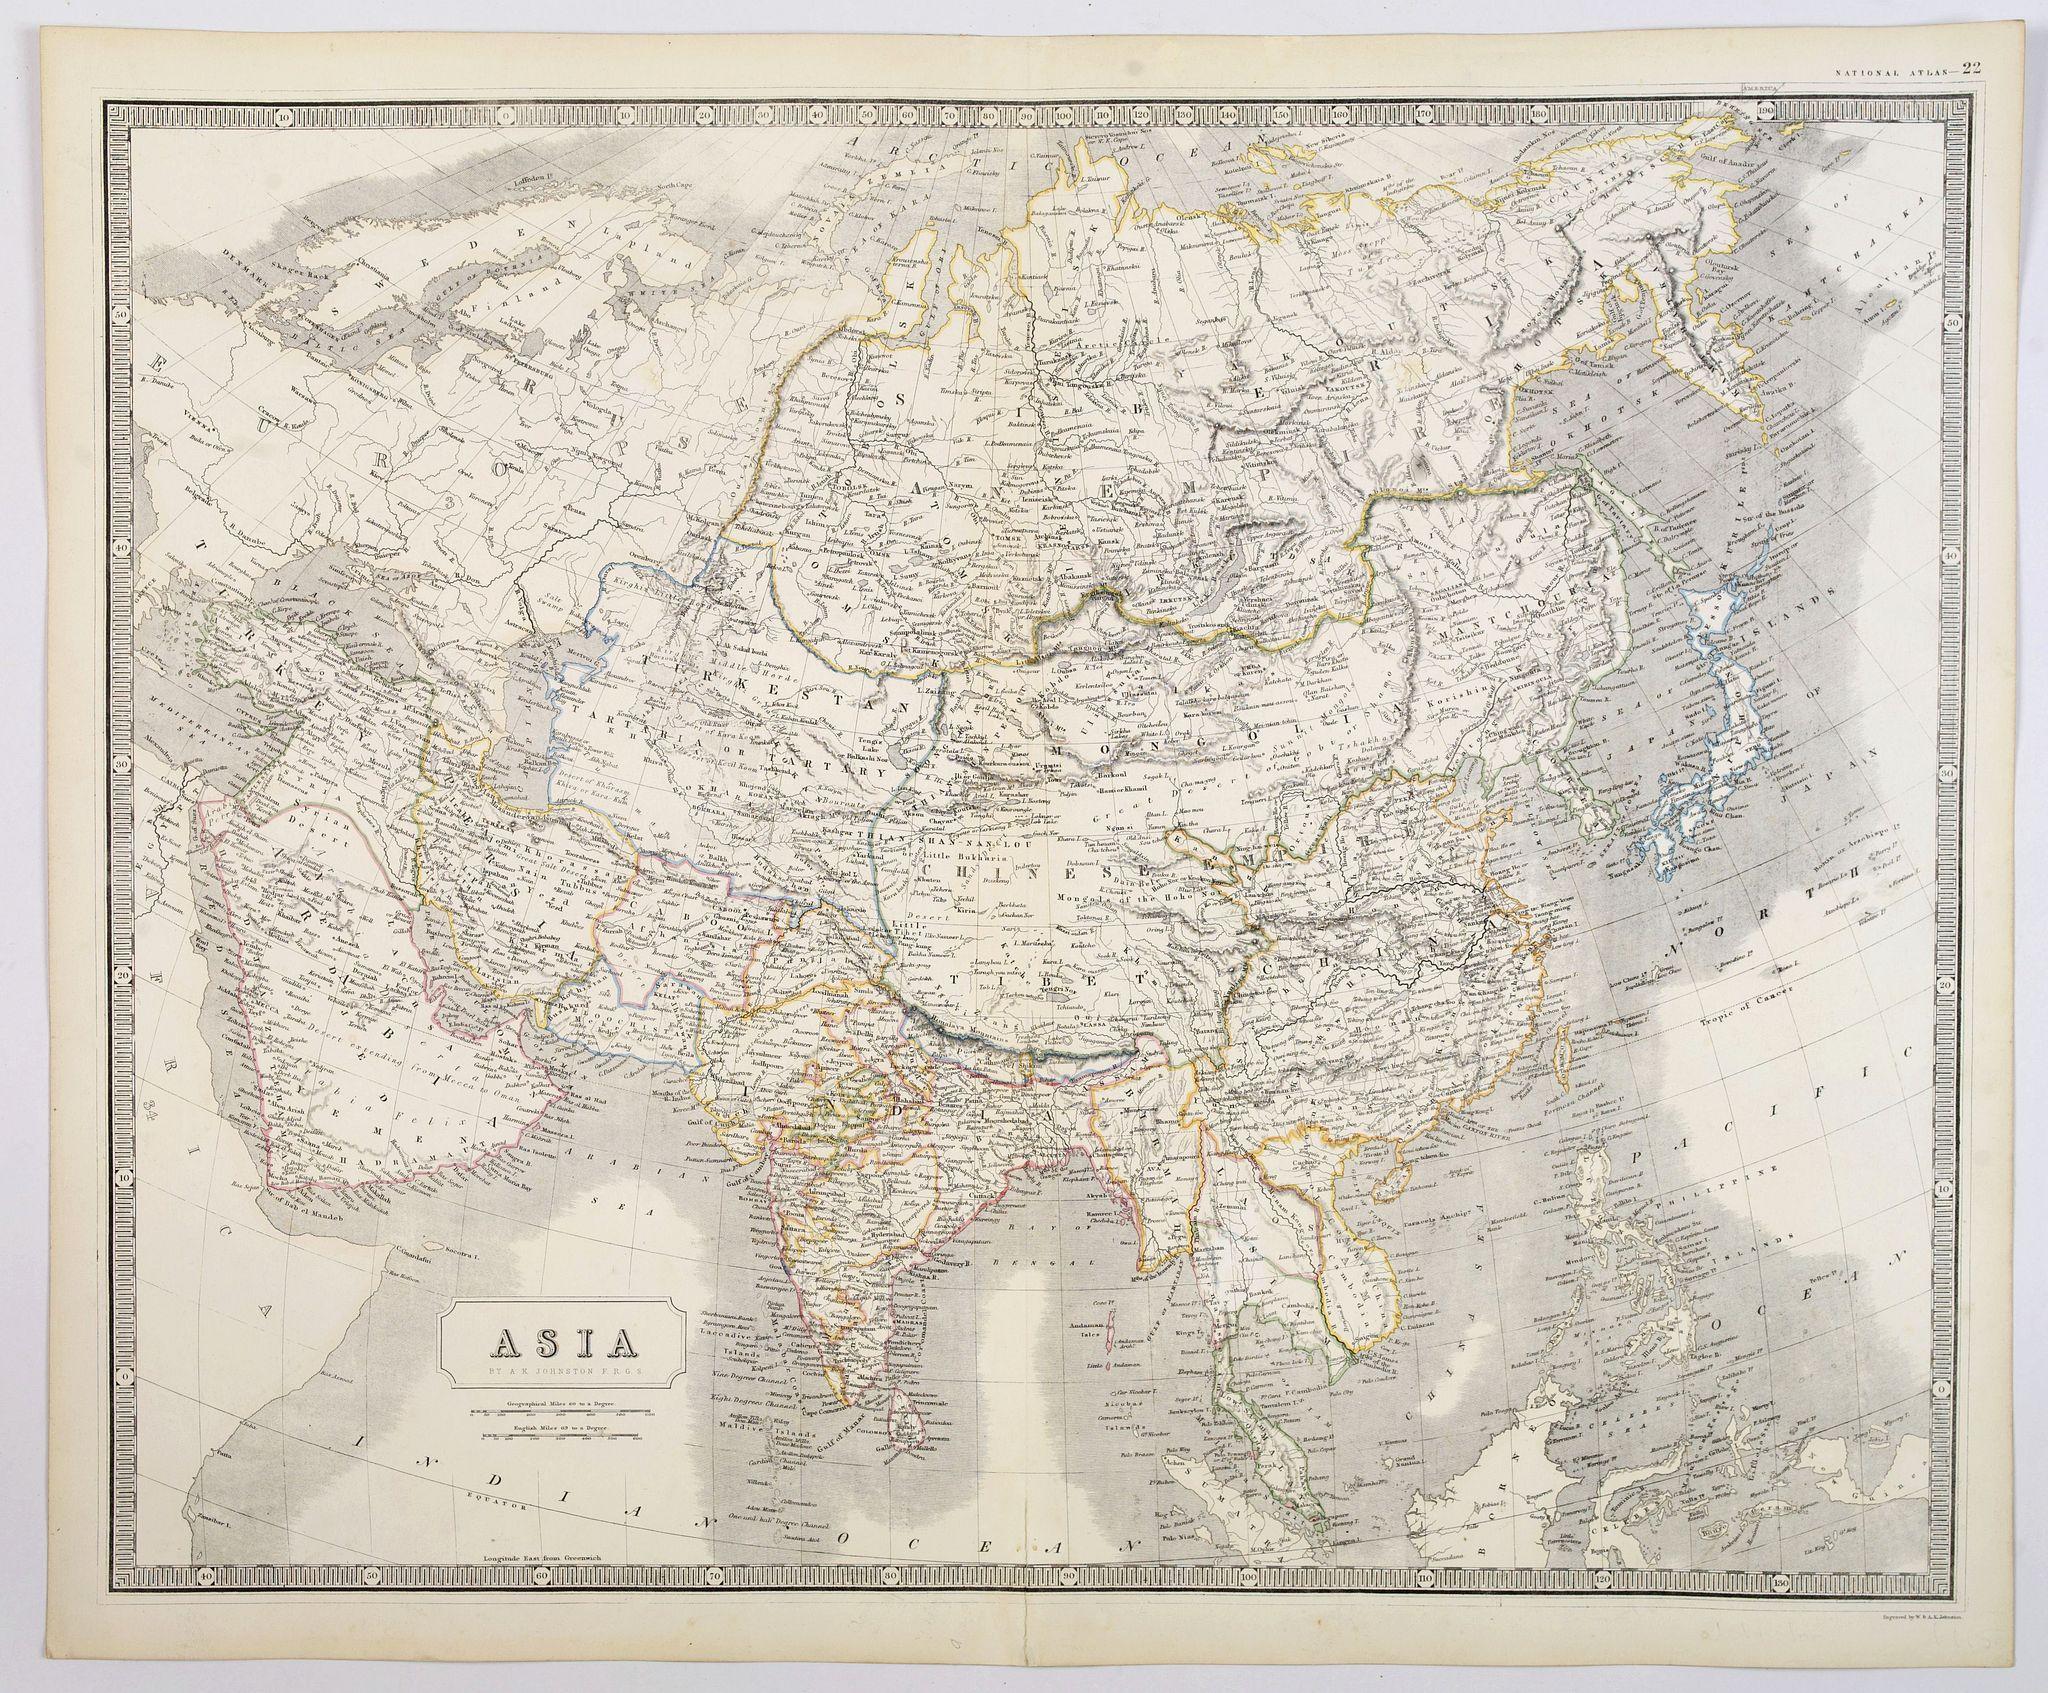 JOHNSTON, A. K. - Asia.